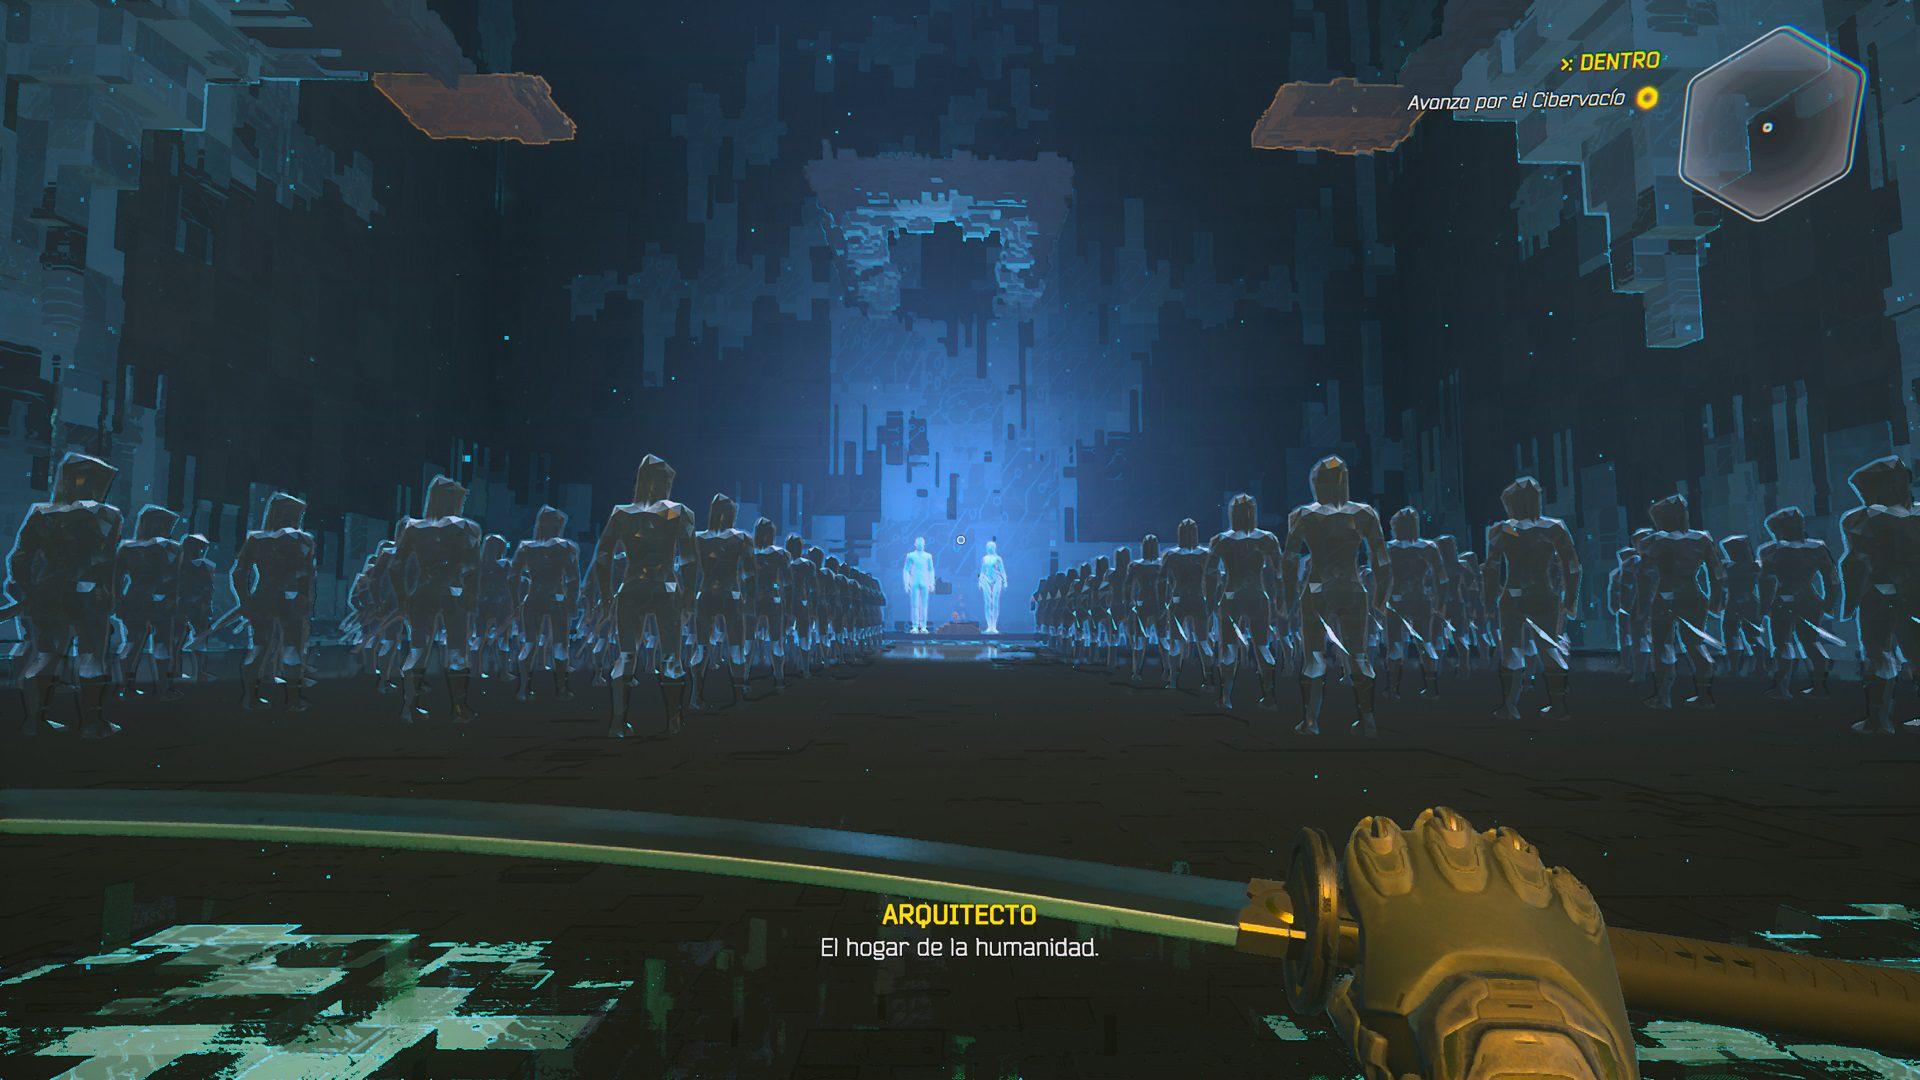 Análisis de Ghostrunner en Xbox Series X - Los Ninjas en el futuro tampoco no parecen acechar en las sombras, si no ser tan rápidos como el corte de una Katana. Ghostrunner es pura adrenalina.